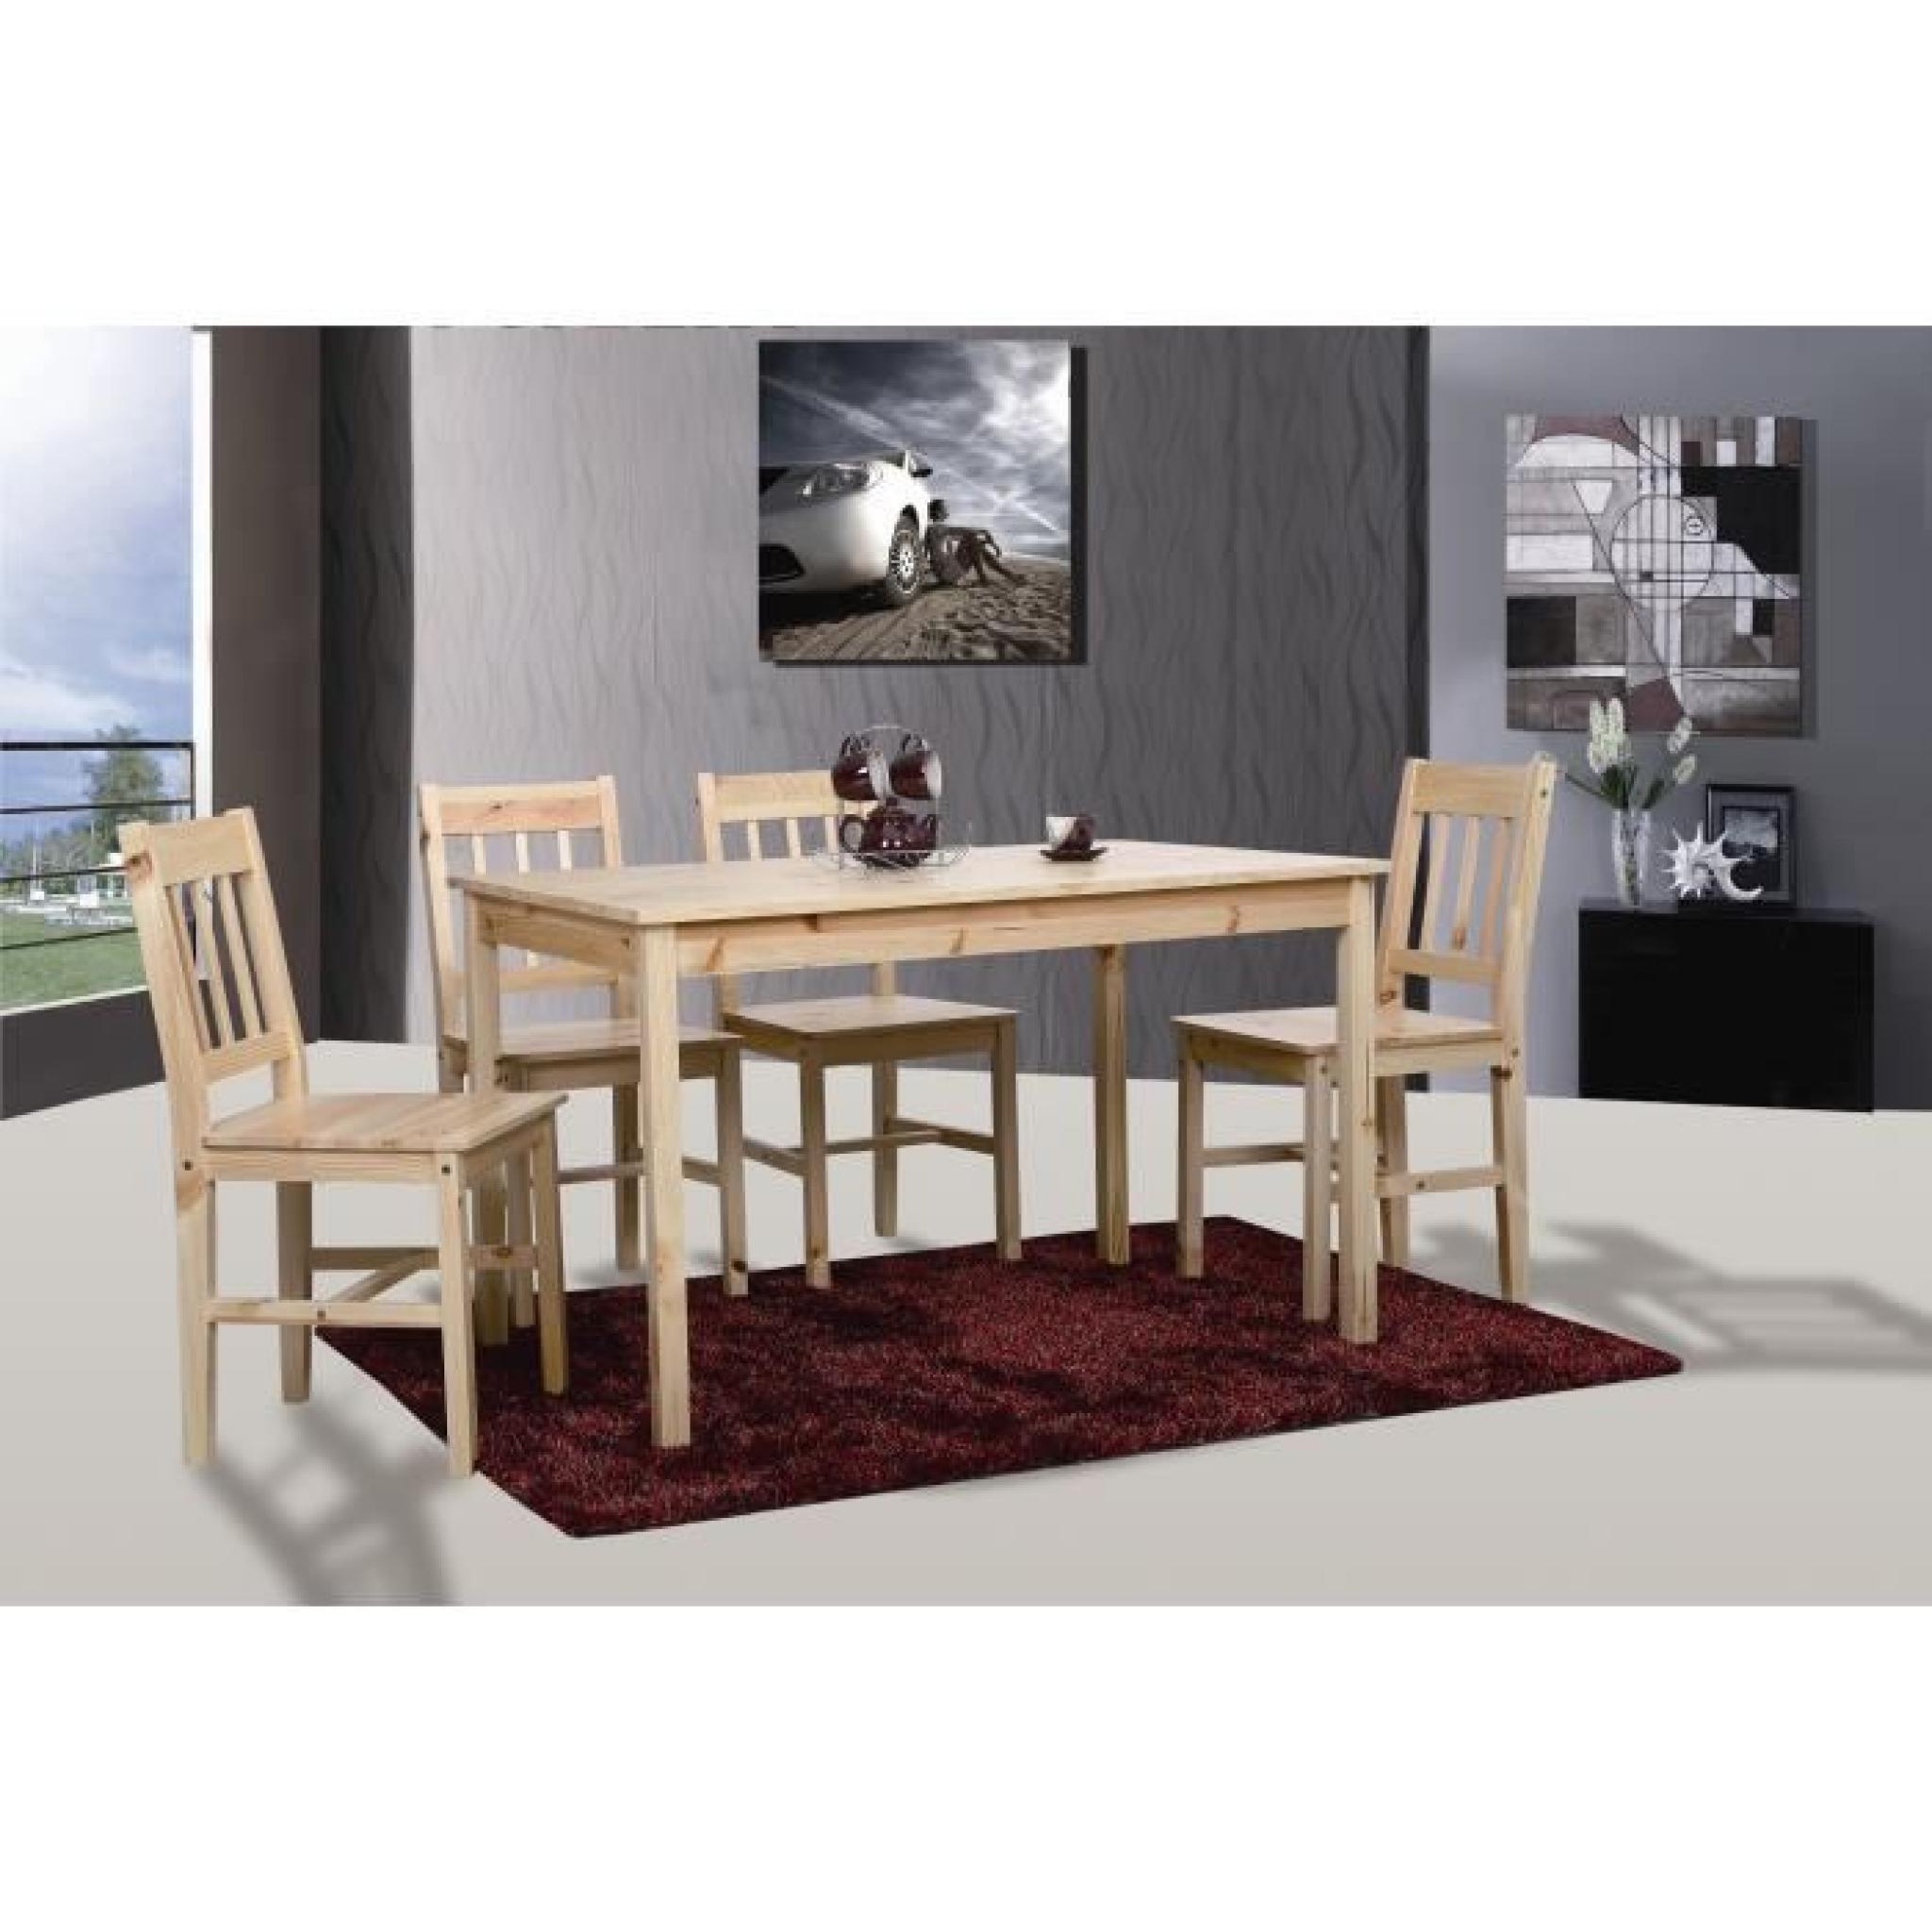 Table de cuisine salle à manger + 4 chaises BASTIA - Achat ...